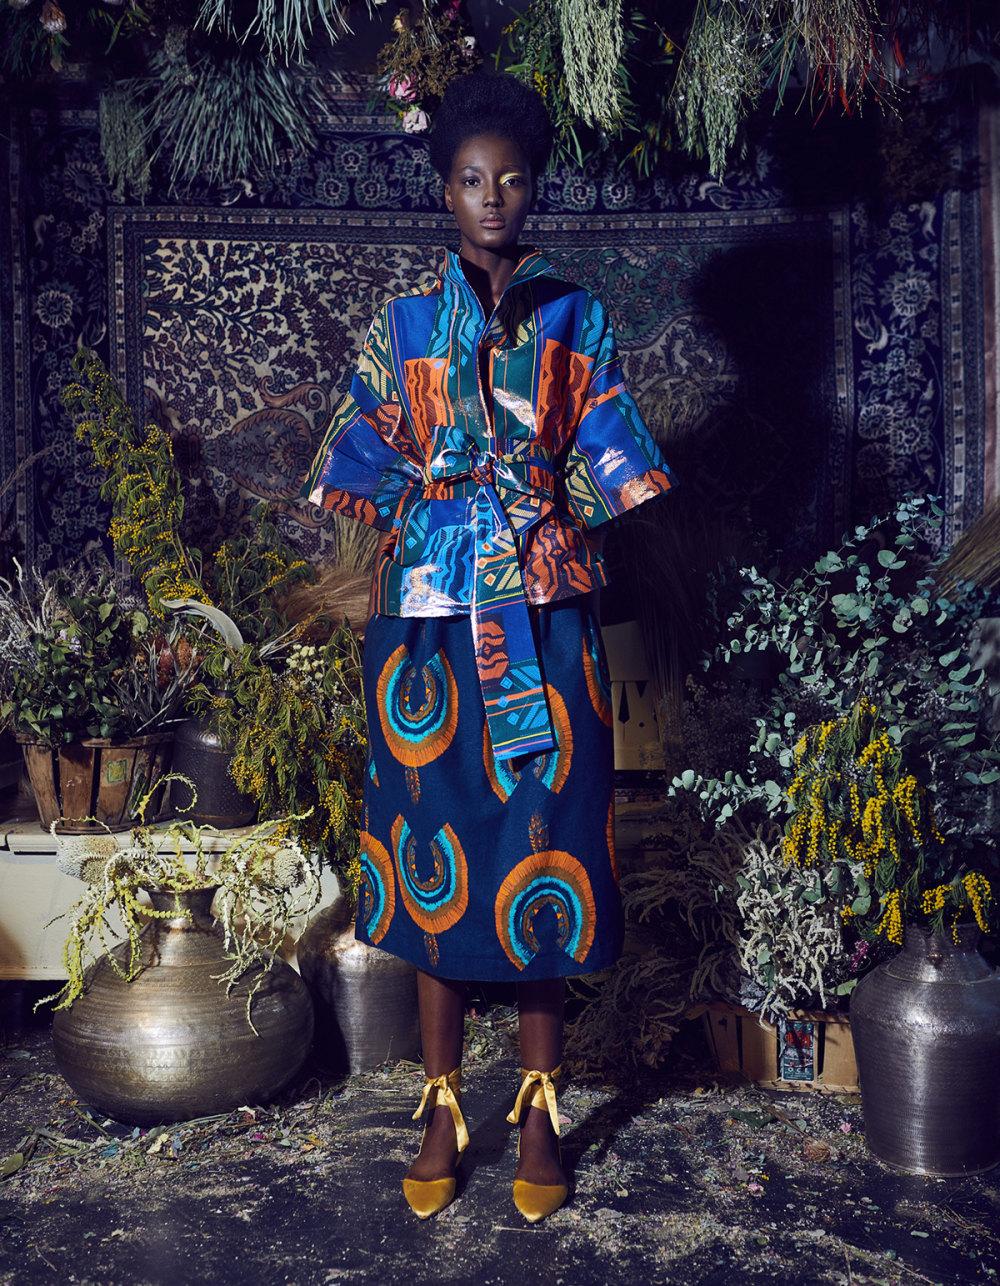 Rianna+Nina时装系列定制的夹克和金属光泽的七分裤定义未来主义-27.jpg